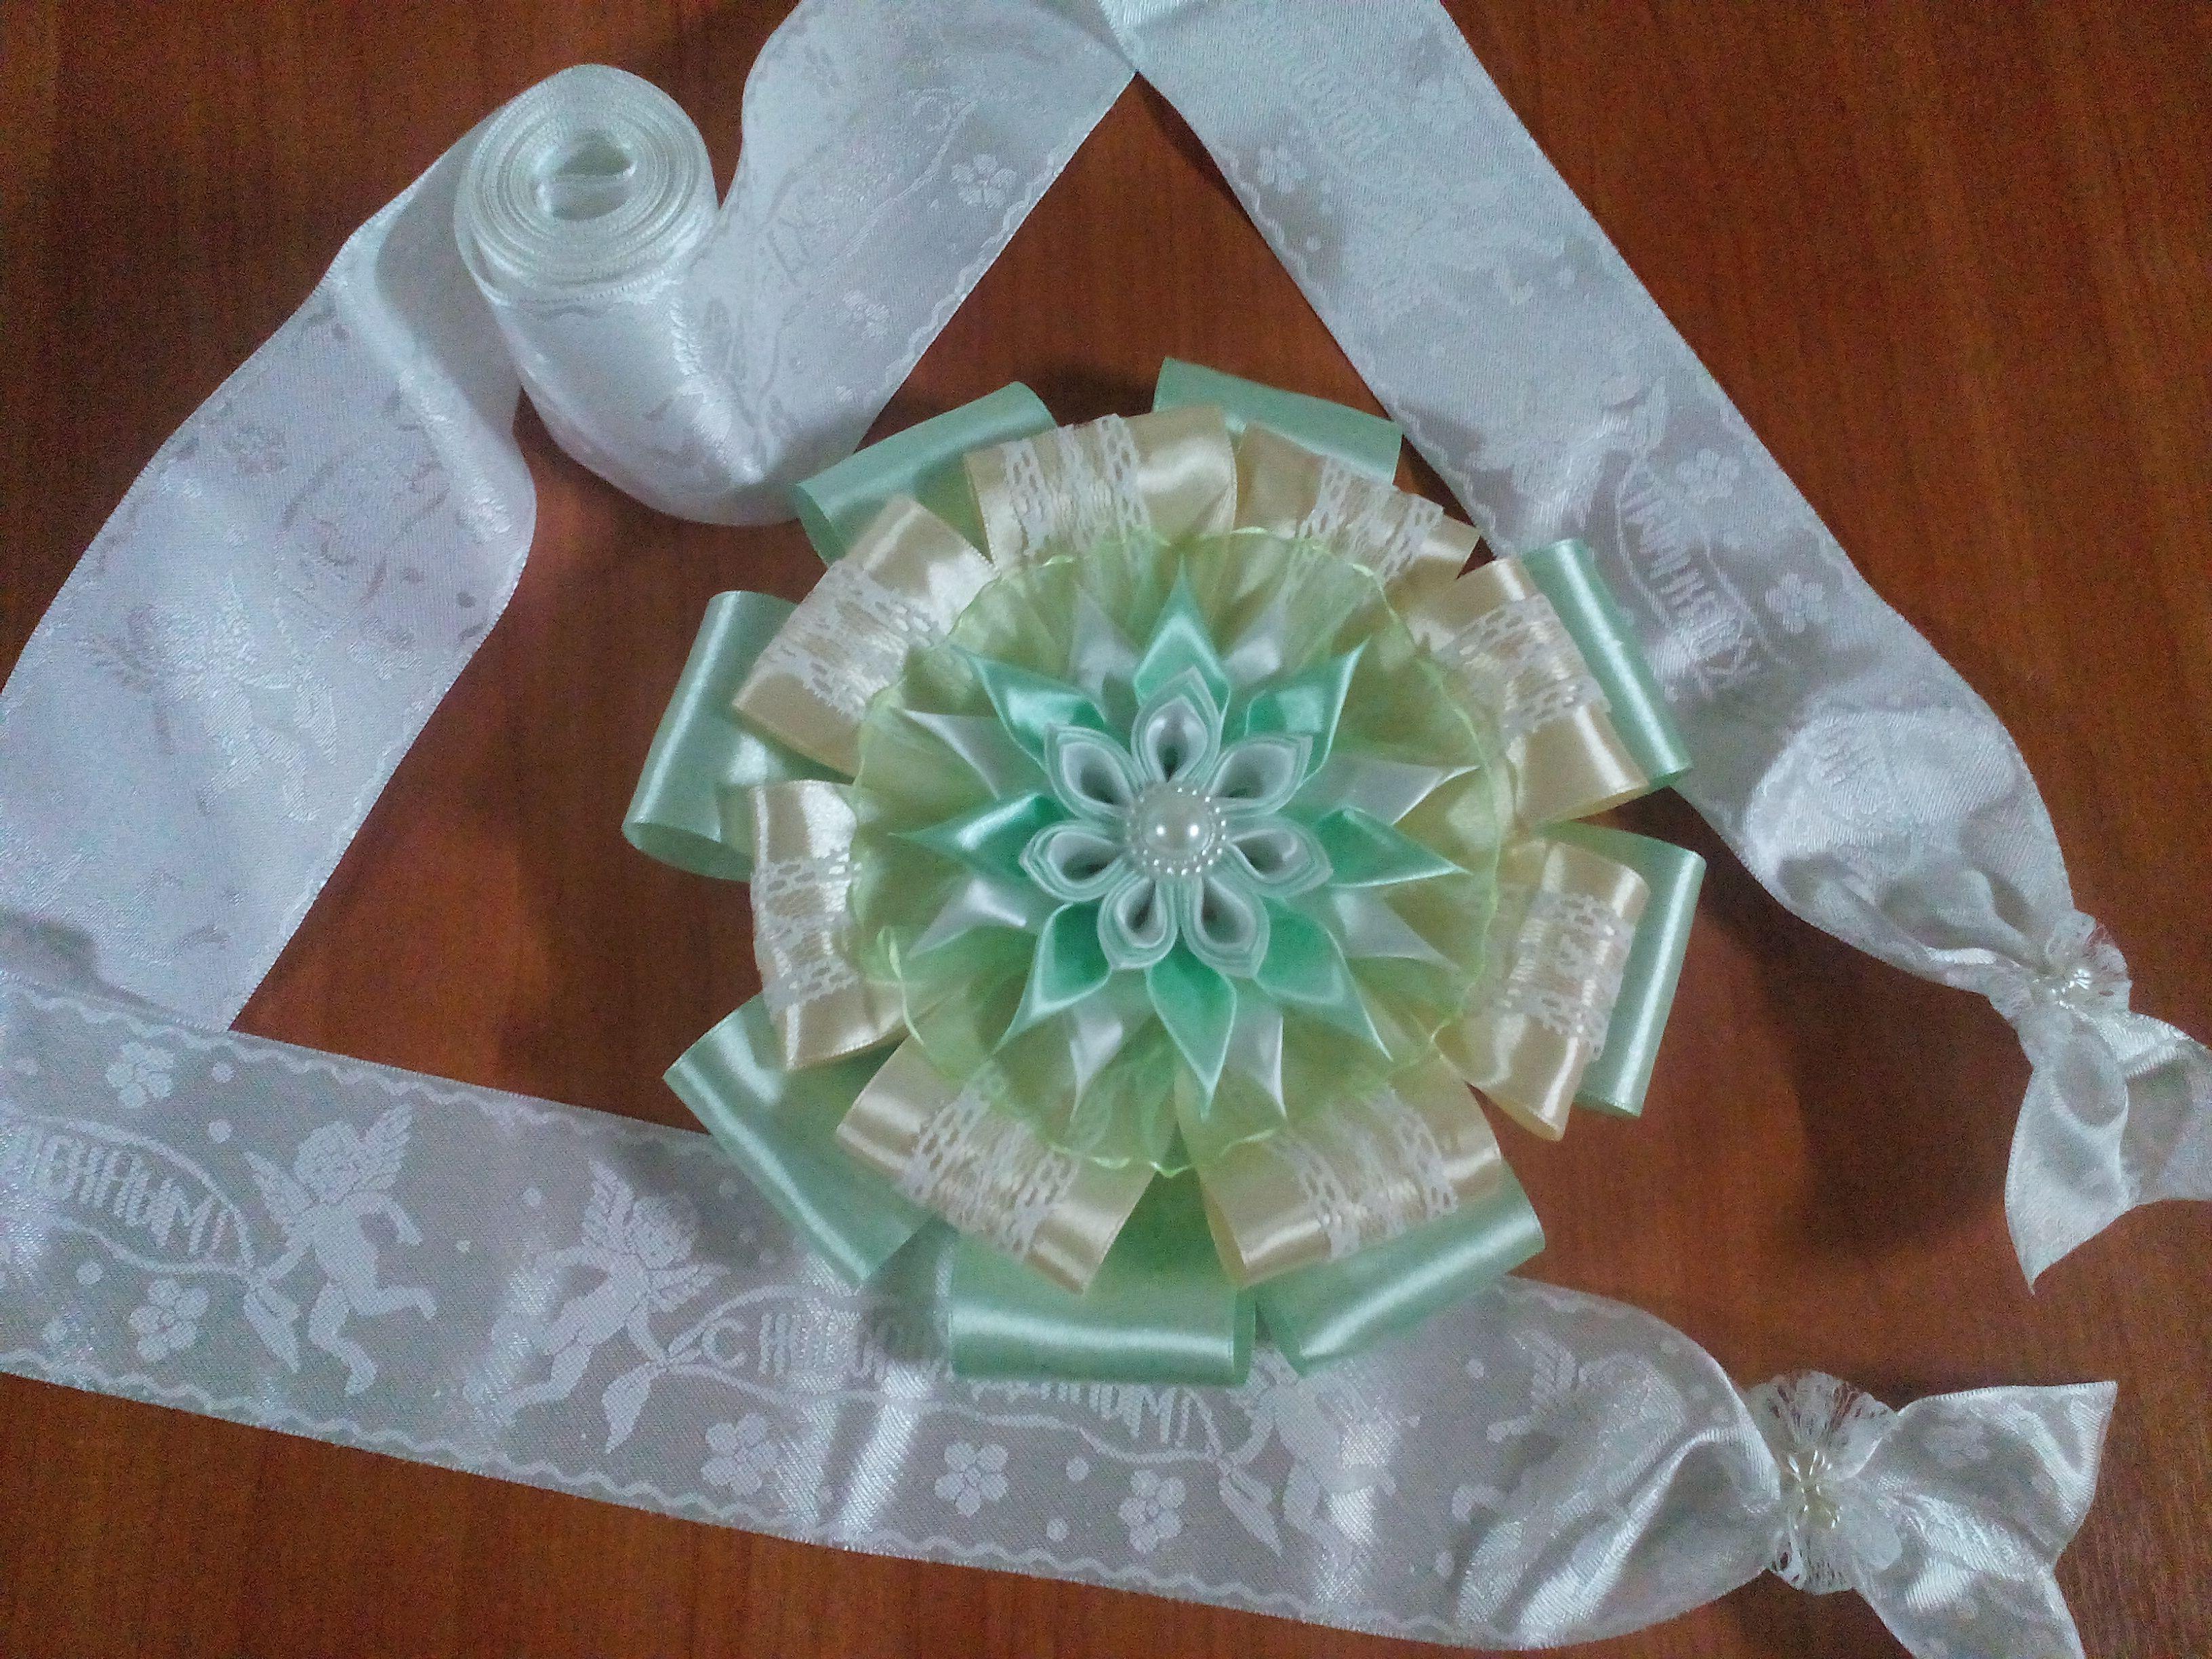 подаркиноворожденным цветыизлент канзаши ручнаяработа